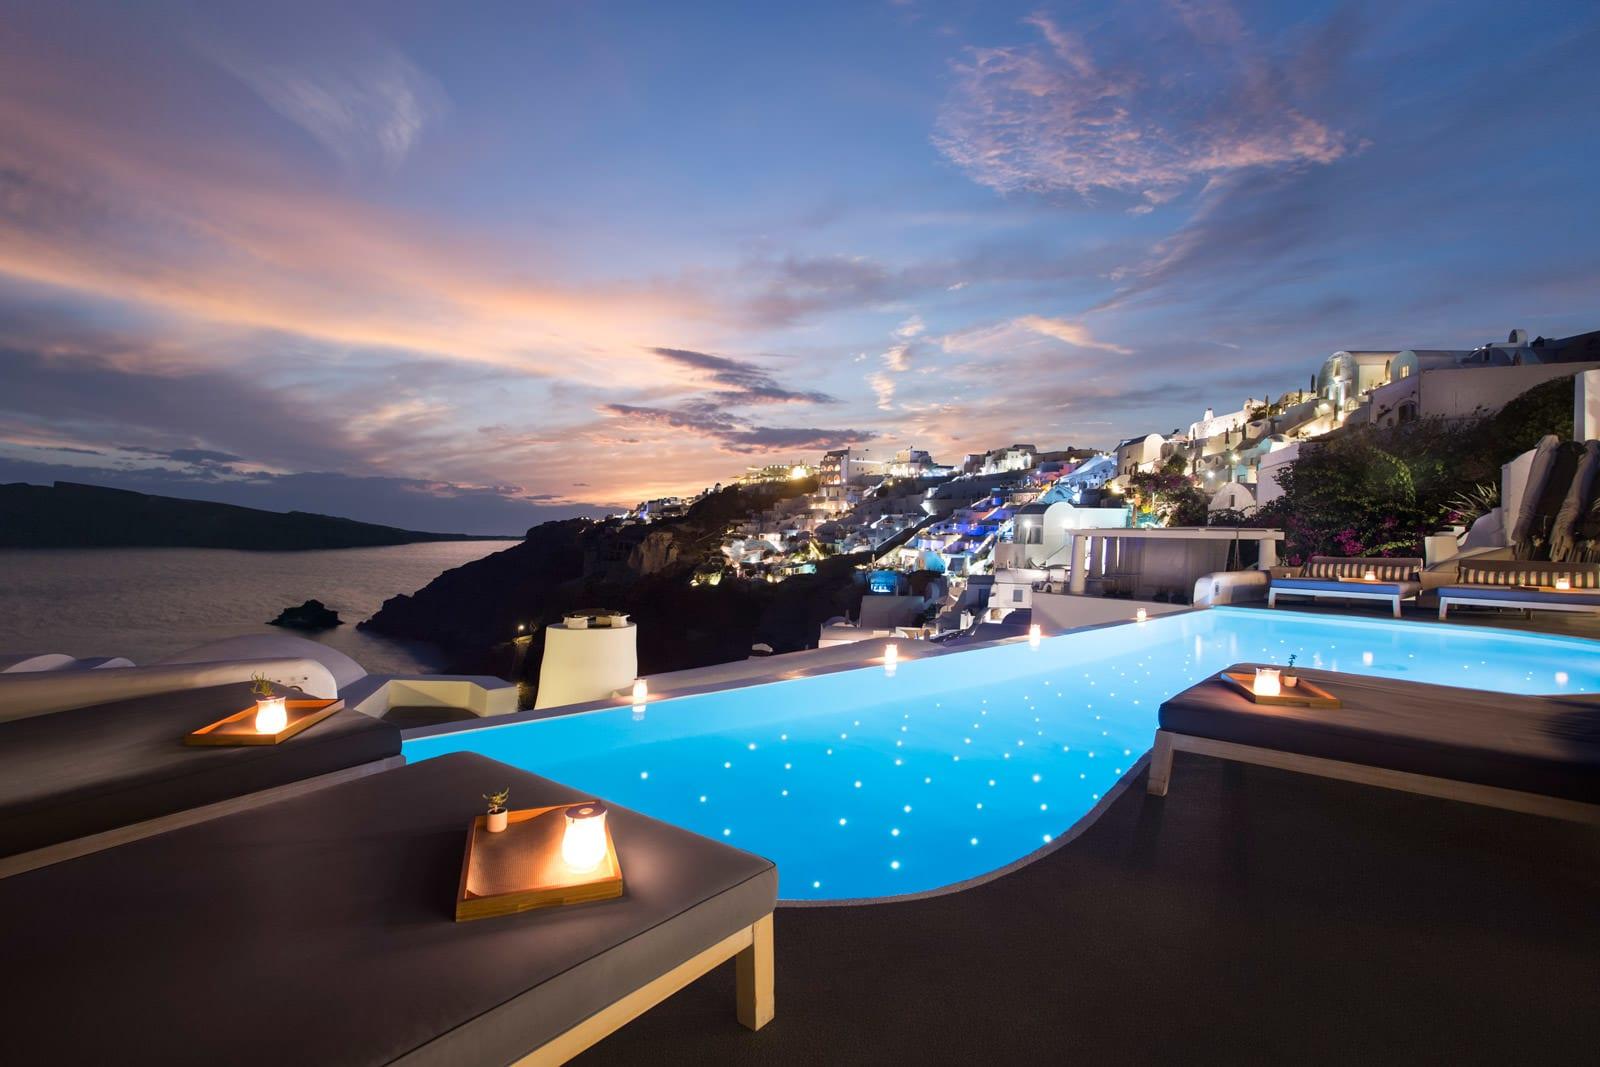 傍 晚 的 希 臘 , 雅 典 的 美 ( 圖 片 來 源 :http://goo.gl/uH7AVs )